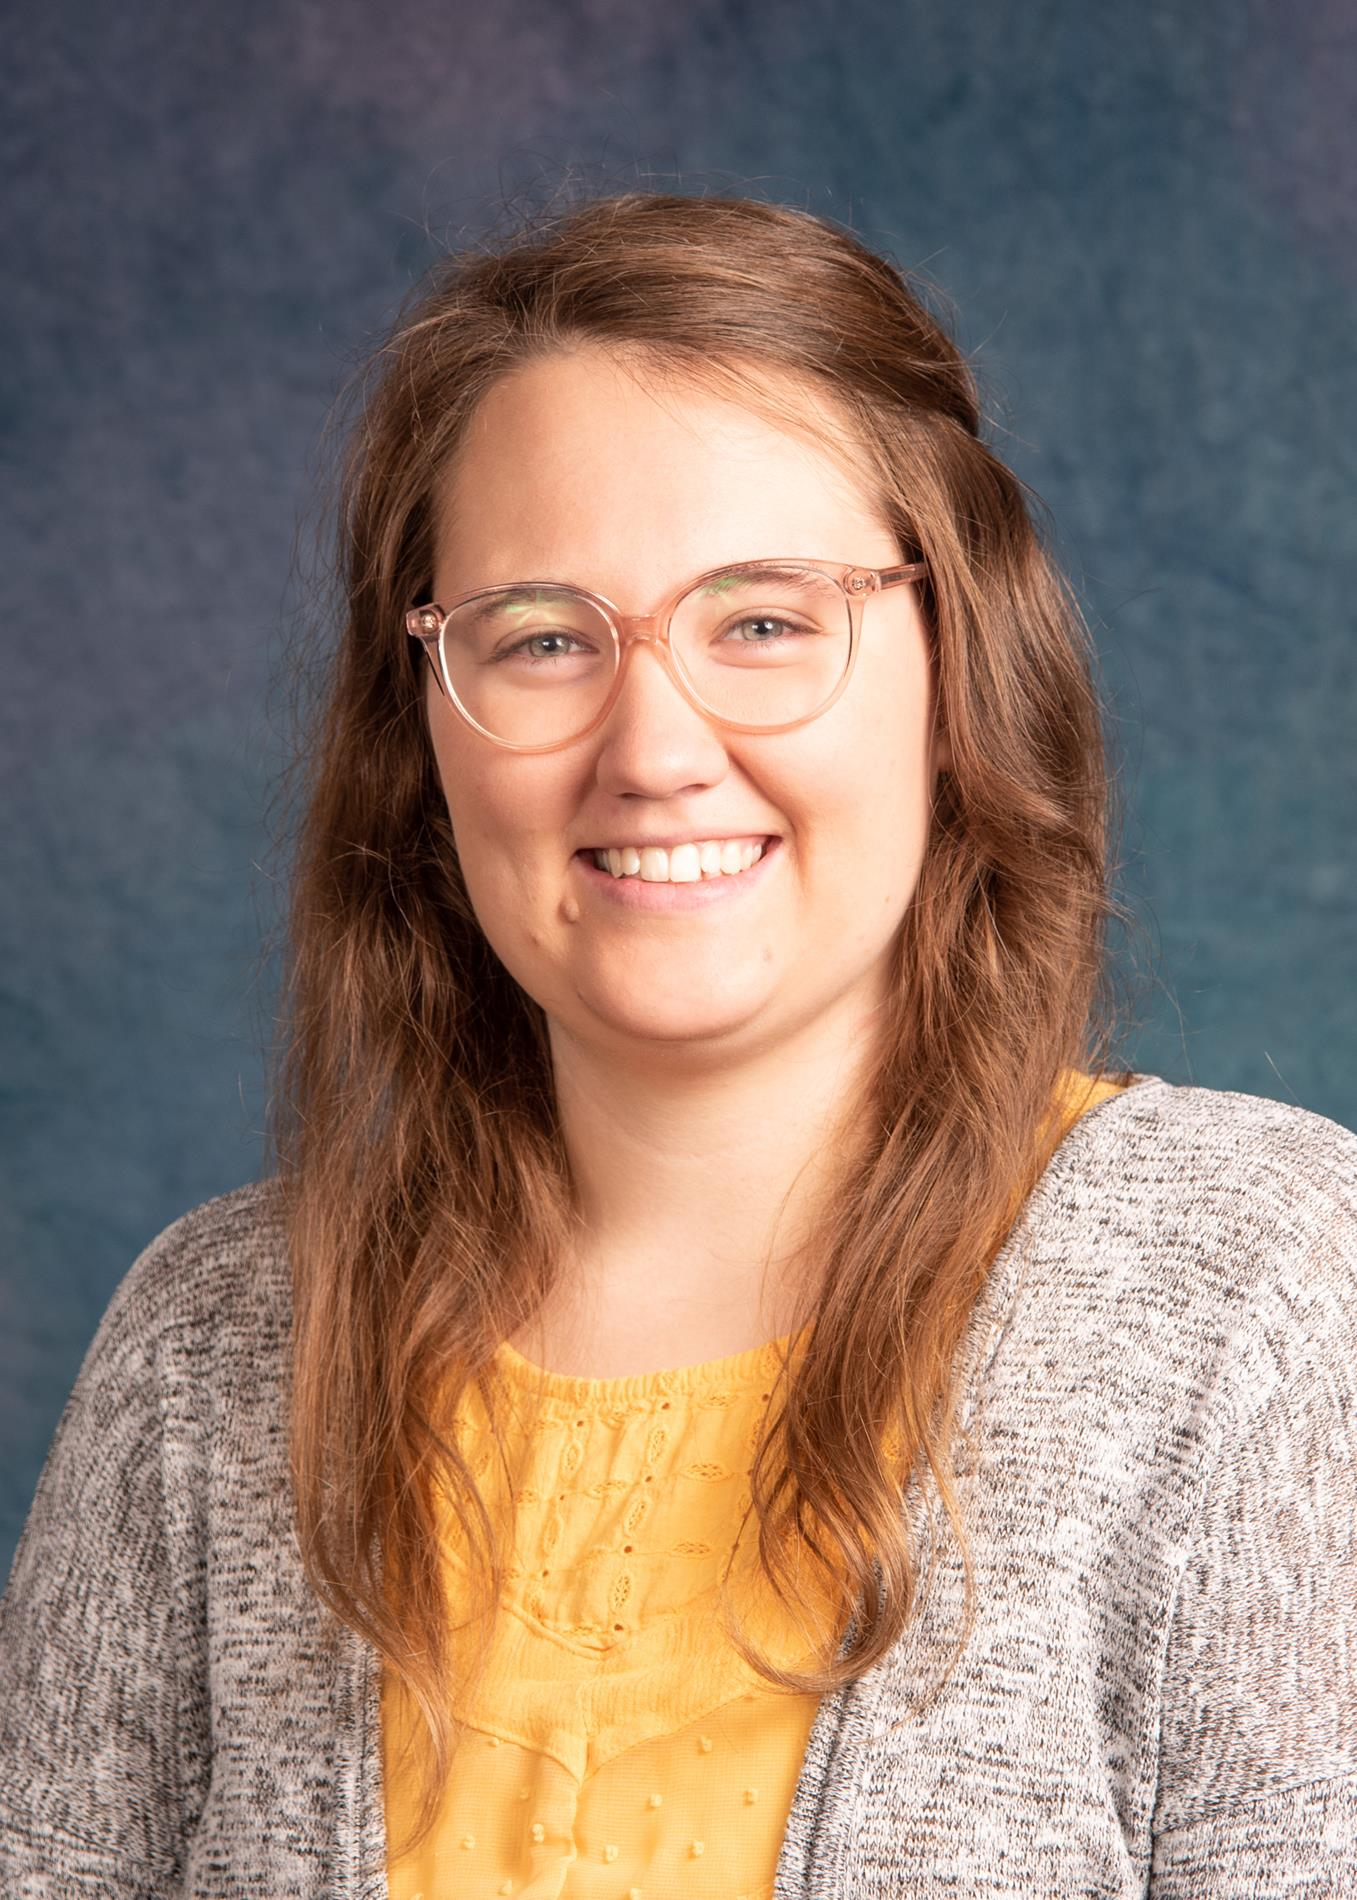 Rachel Koopmeiners